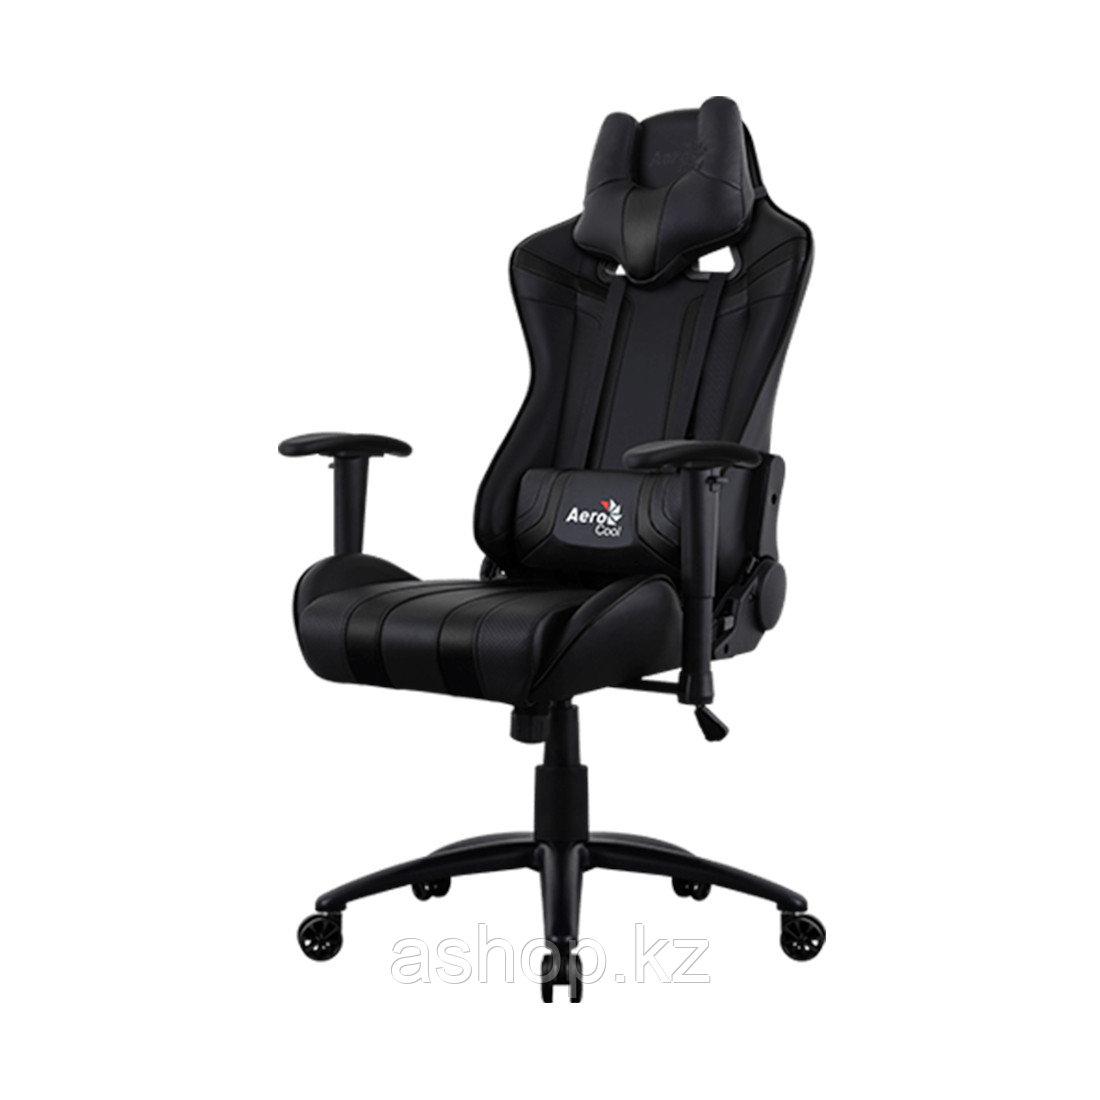 Кресло игровое AeroCool AC120 AIR, Нагрузка (max): 150 кг, Подлокотники, Подголовник, Вентиляция, Цвет: Чёрный